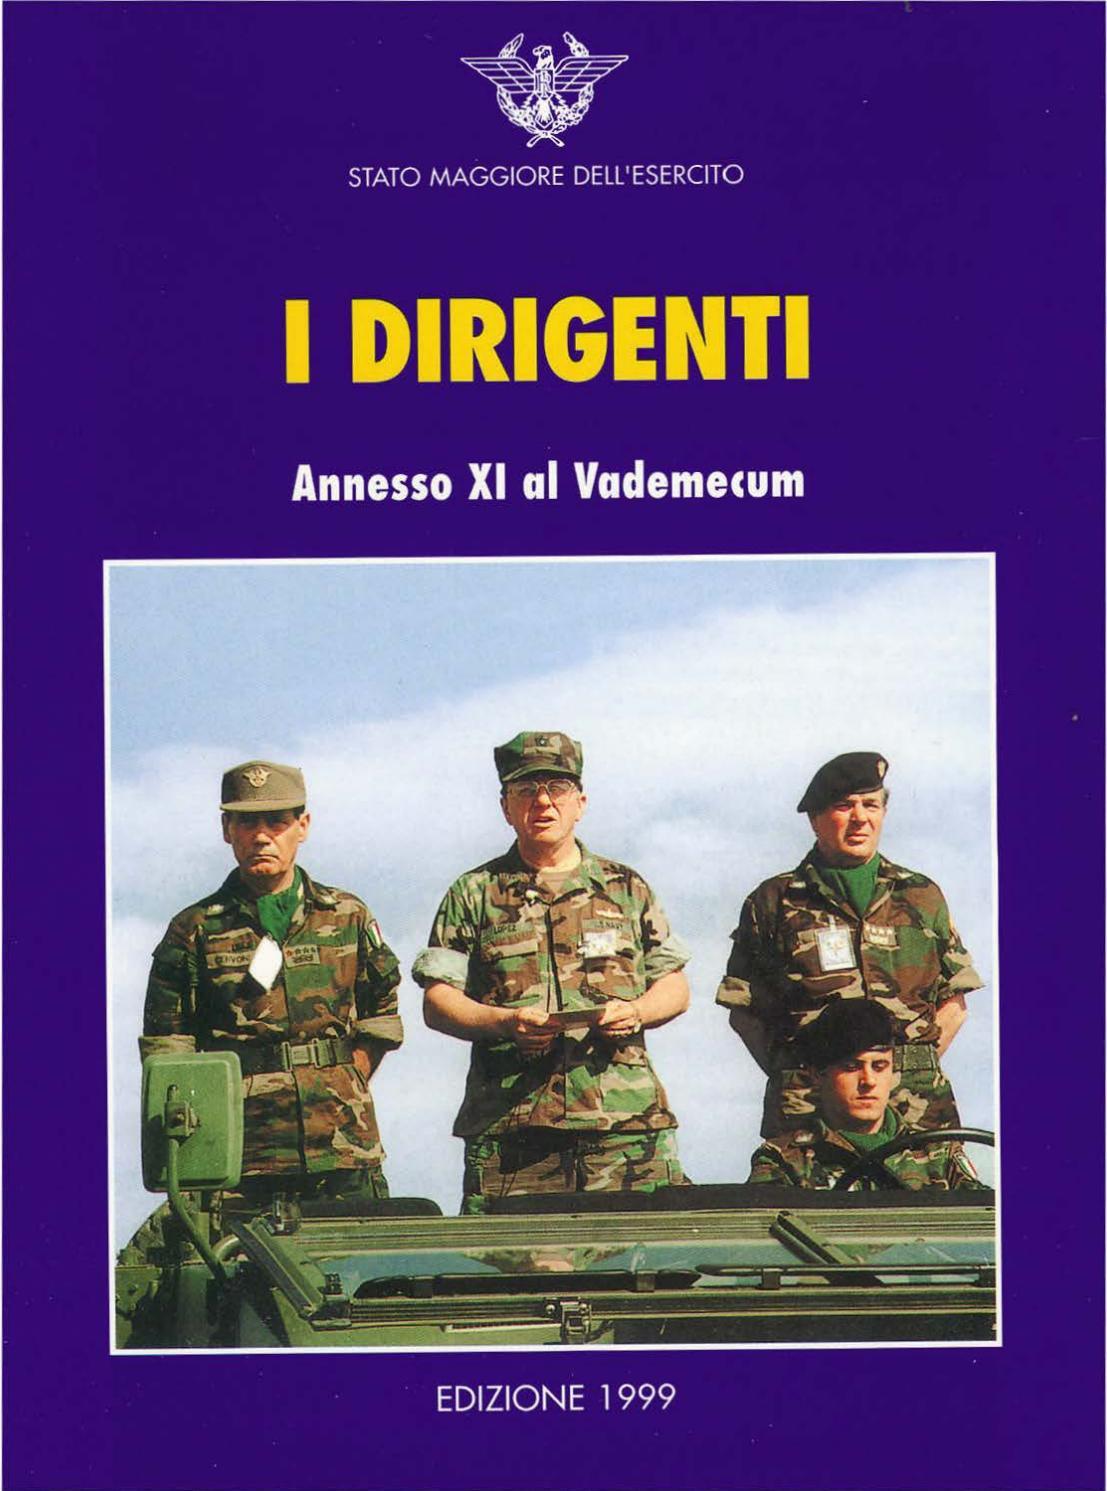 I DIRIGENTI by Biblioteca Militare - issuu b42caf470cc8